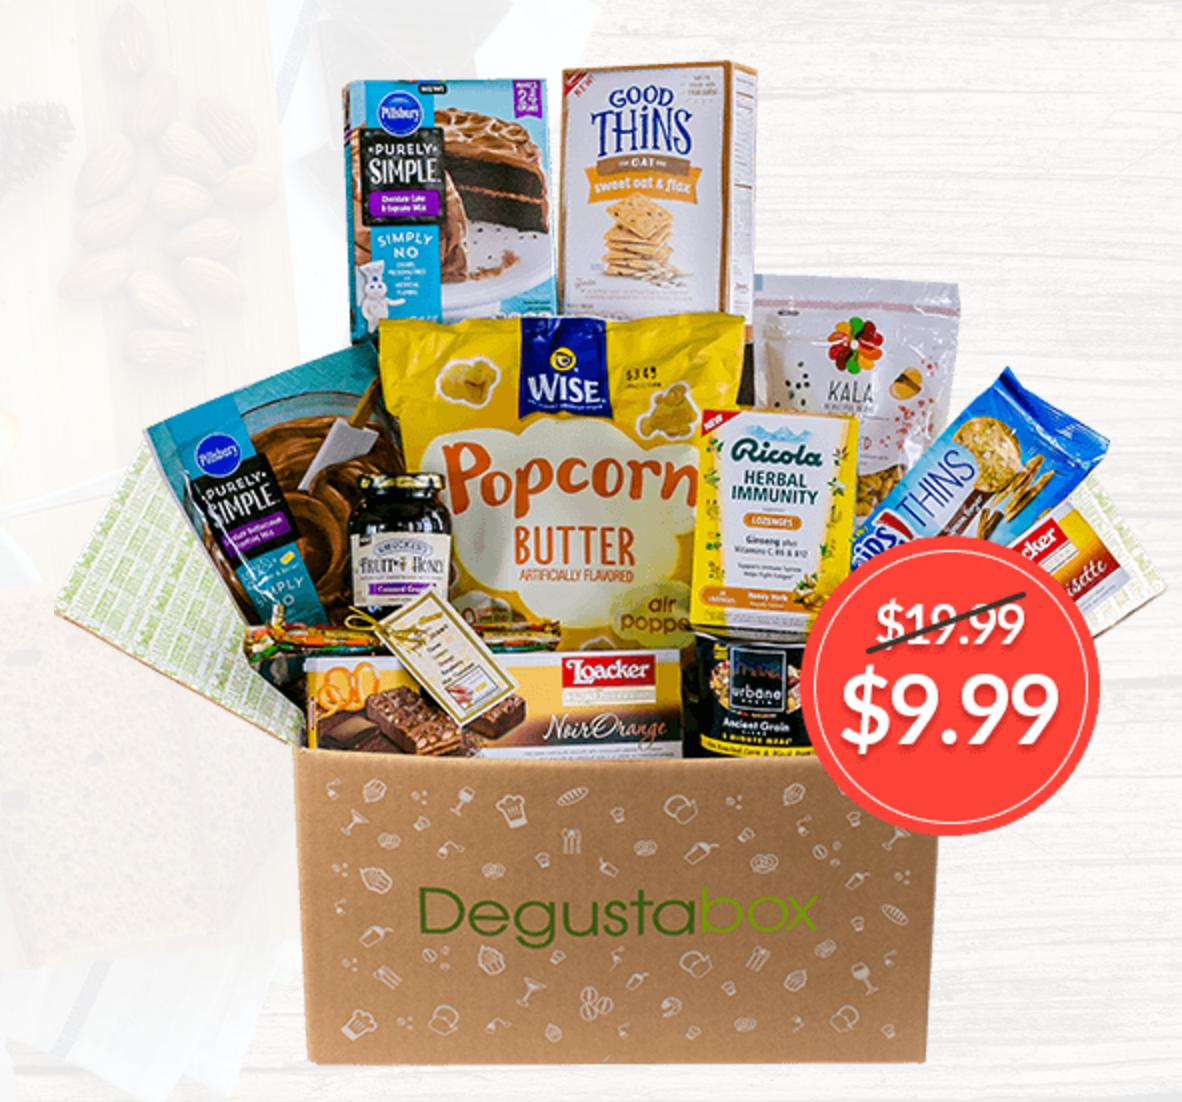 Degustabox October 2018 Spoiler #2 + First Box for $9.99 & Free Gift!